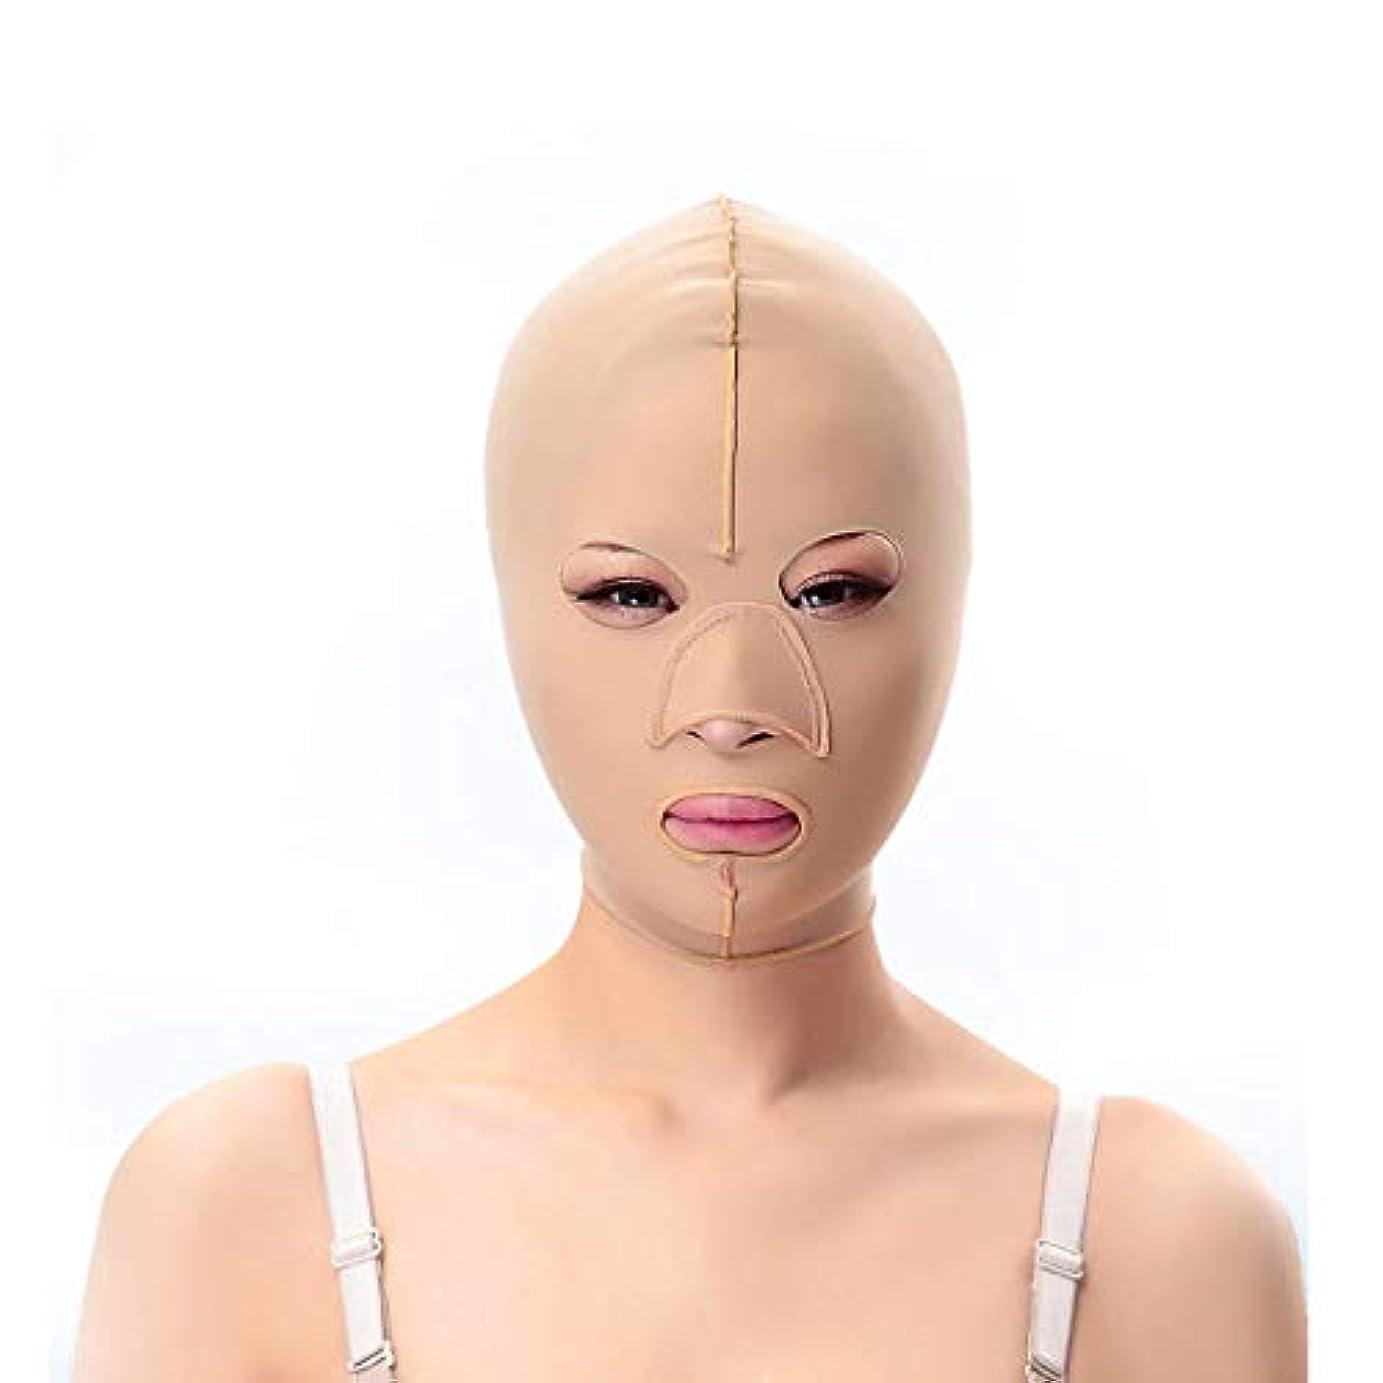 禁じる備品イソギンチャクスリミングベルト、二重あごの引き締め顔のプラスチックフェイスアーティファクト強力なフェイス包帯を脇に持ち上げるパターンを欺くためのフェイシャルマスクシンフェイスマスク(サイズ:L),Xl